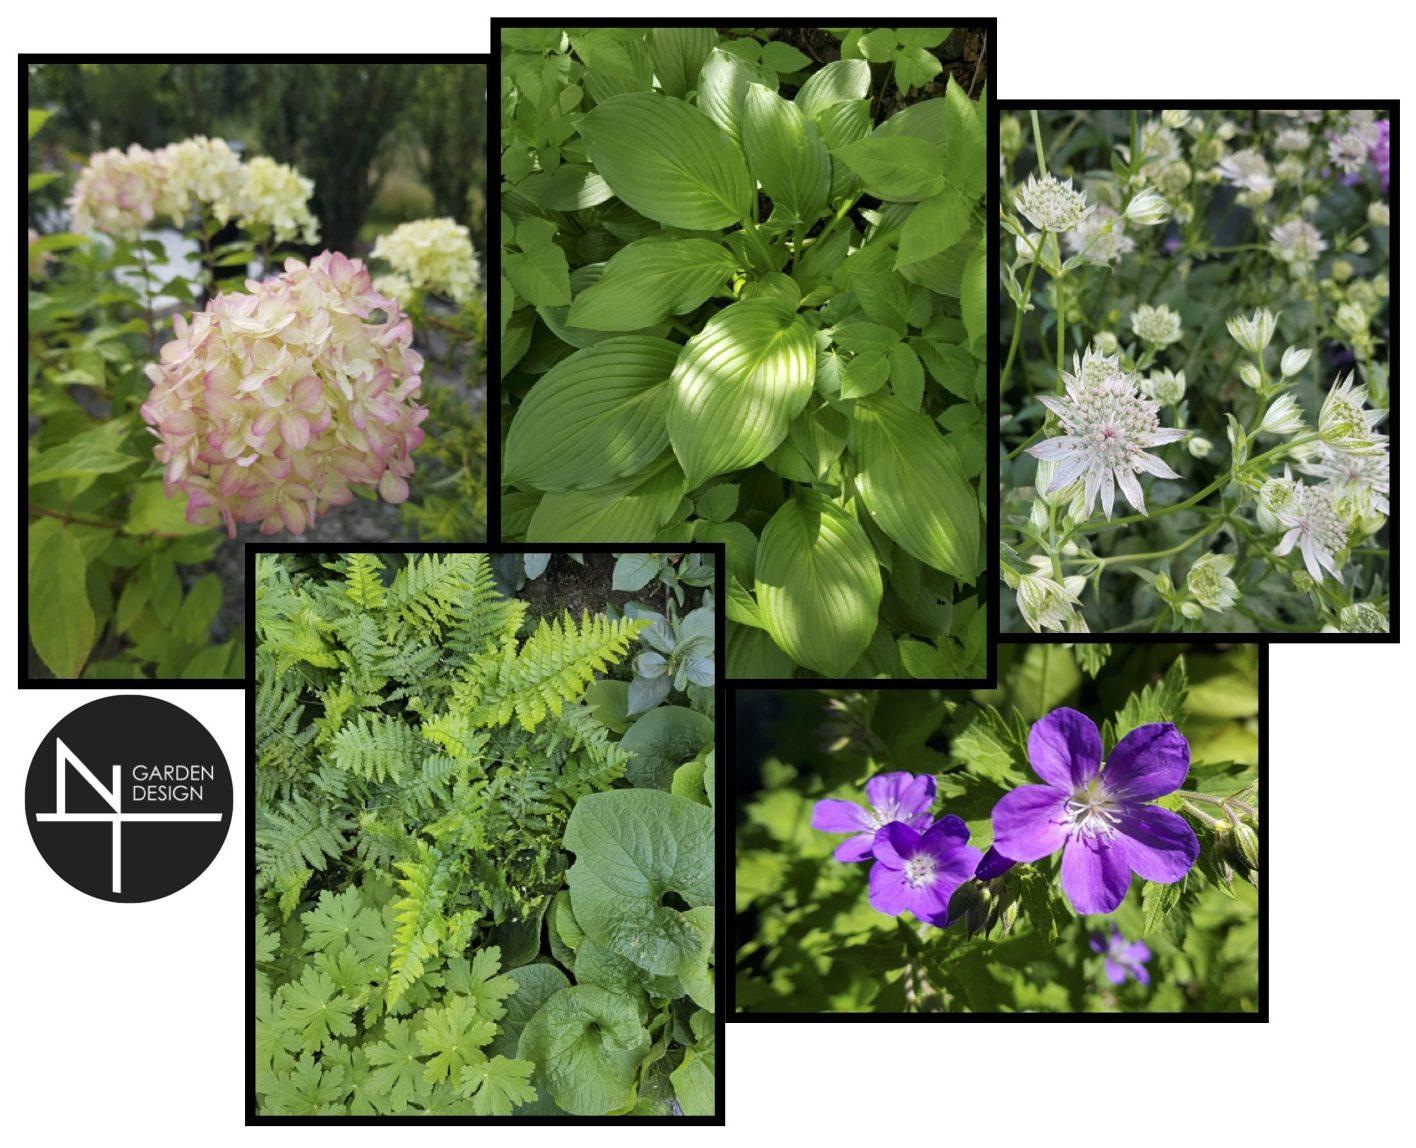 En inspirasjonstavle med en kombinasjon av planter i en NT Garden Design plantedesign